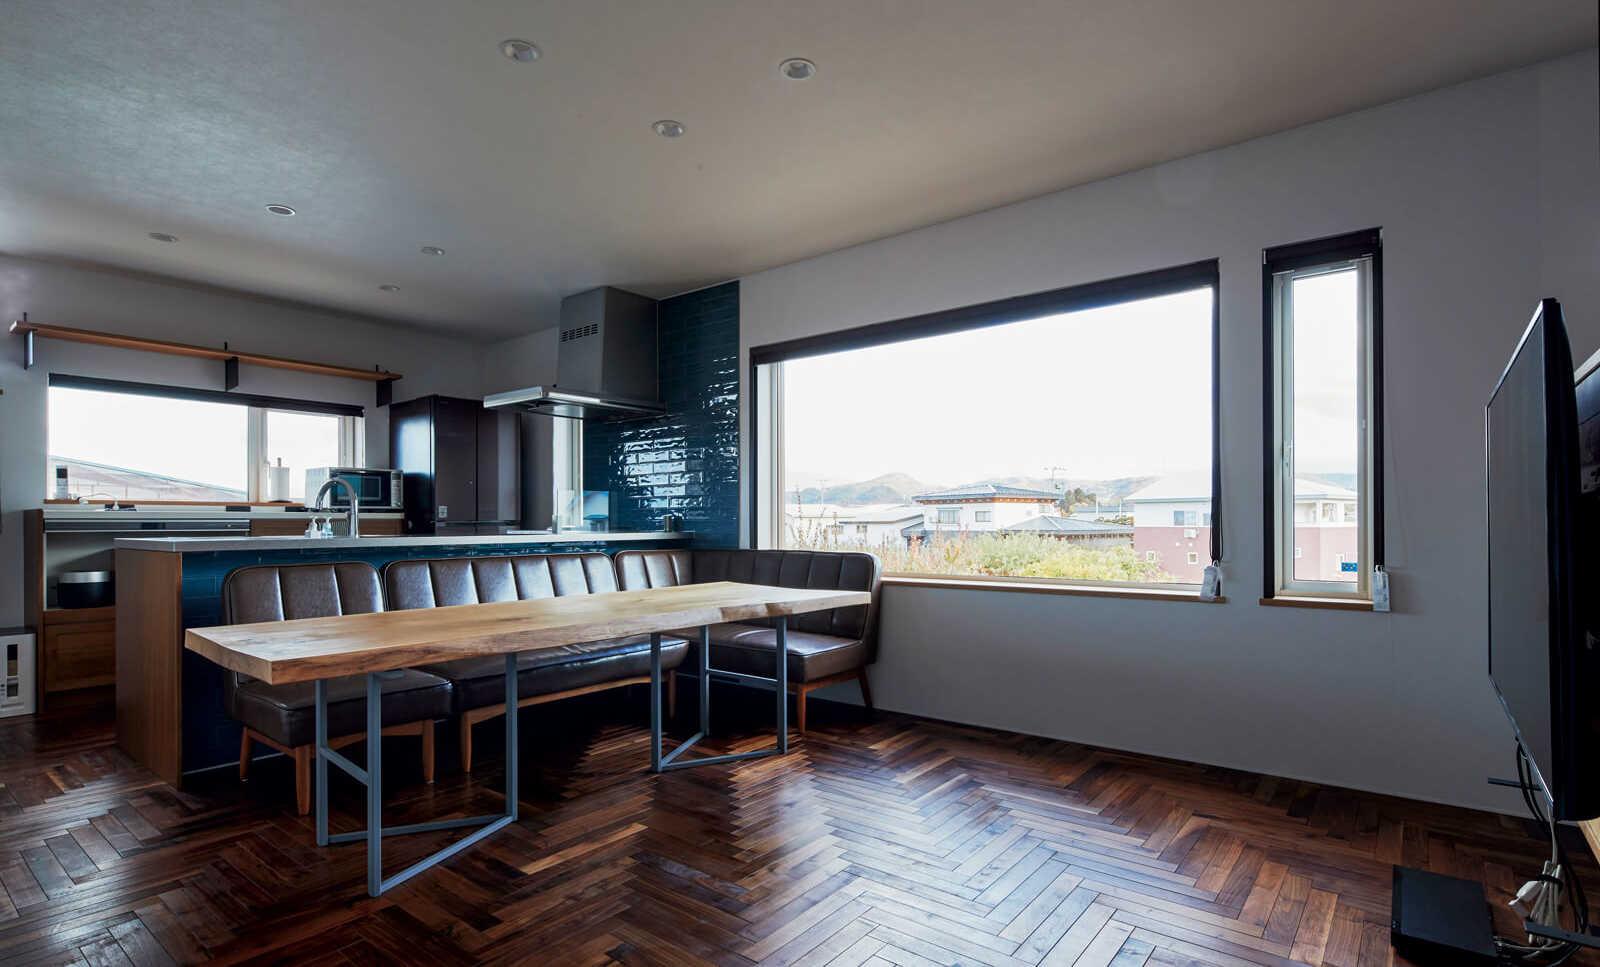 ヘリンボーン張りの無垢床が上質な雰囲気を漂わせる2階リビングは、大窓はもちろんキッチン奥の窓からも陽が射すのでいつも明るい